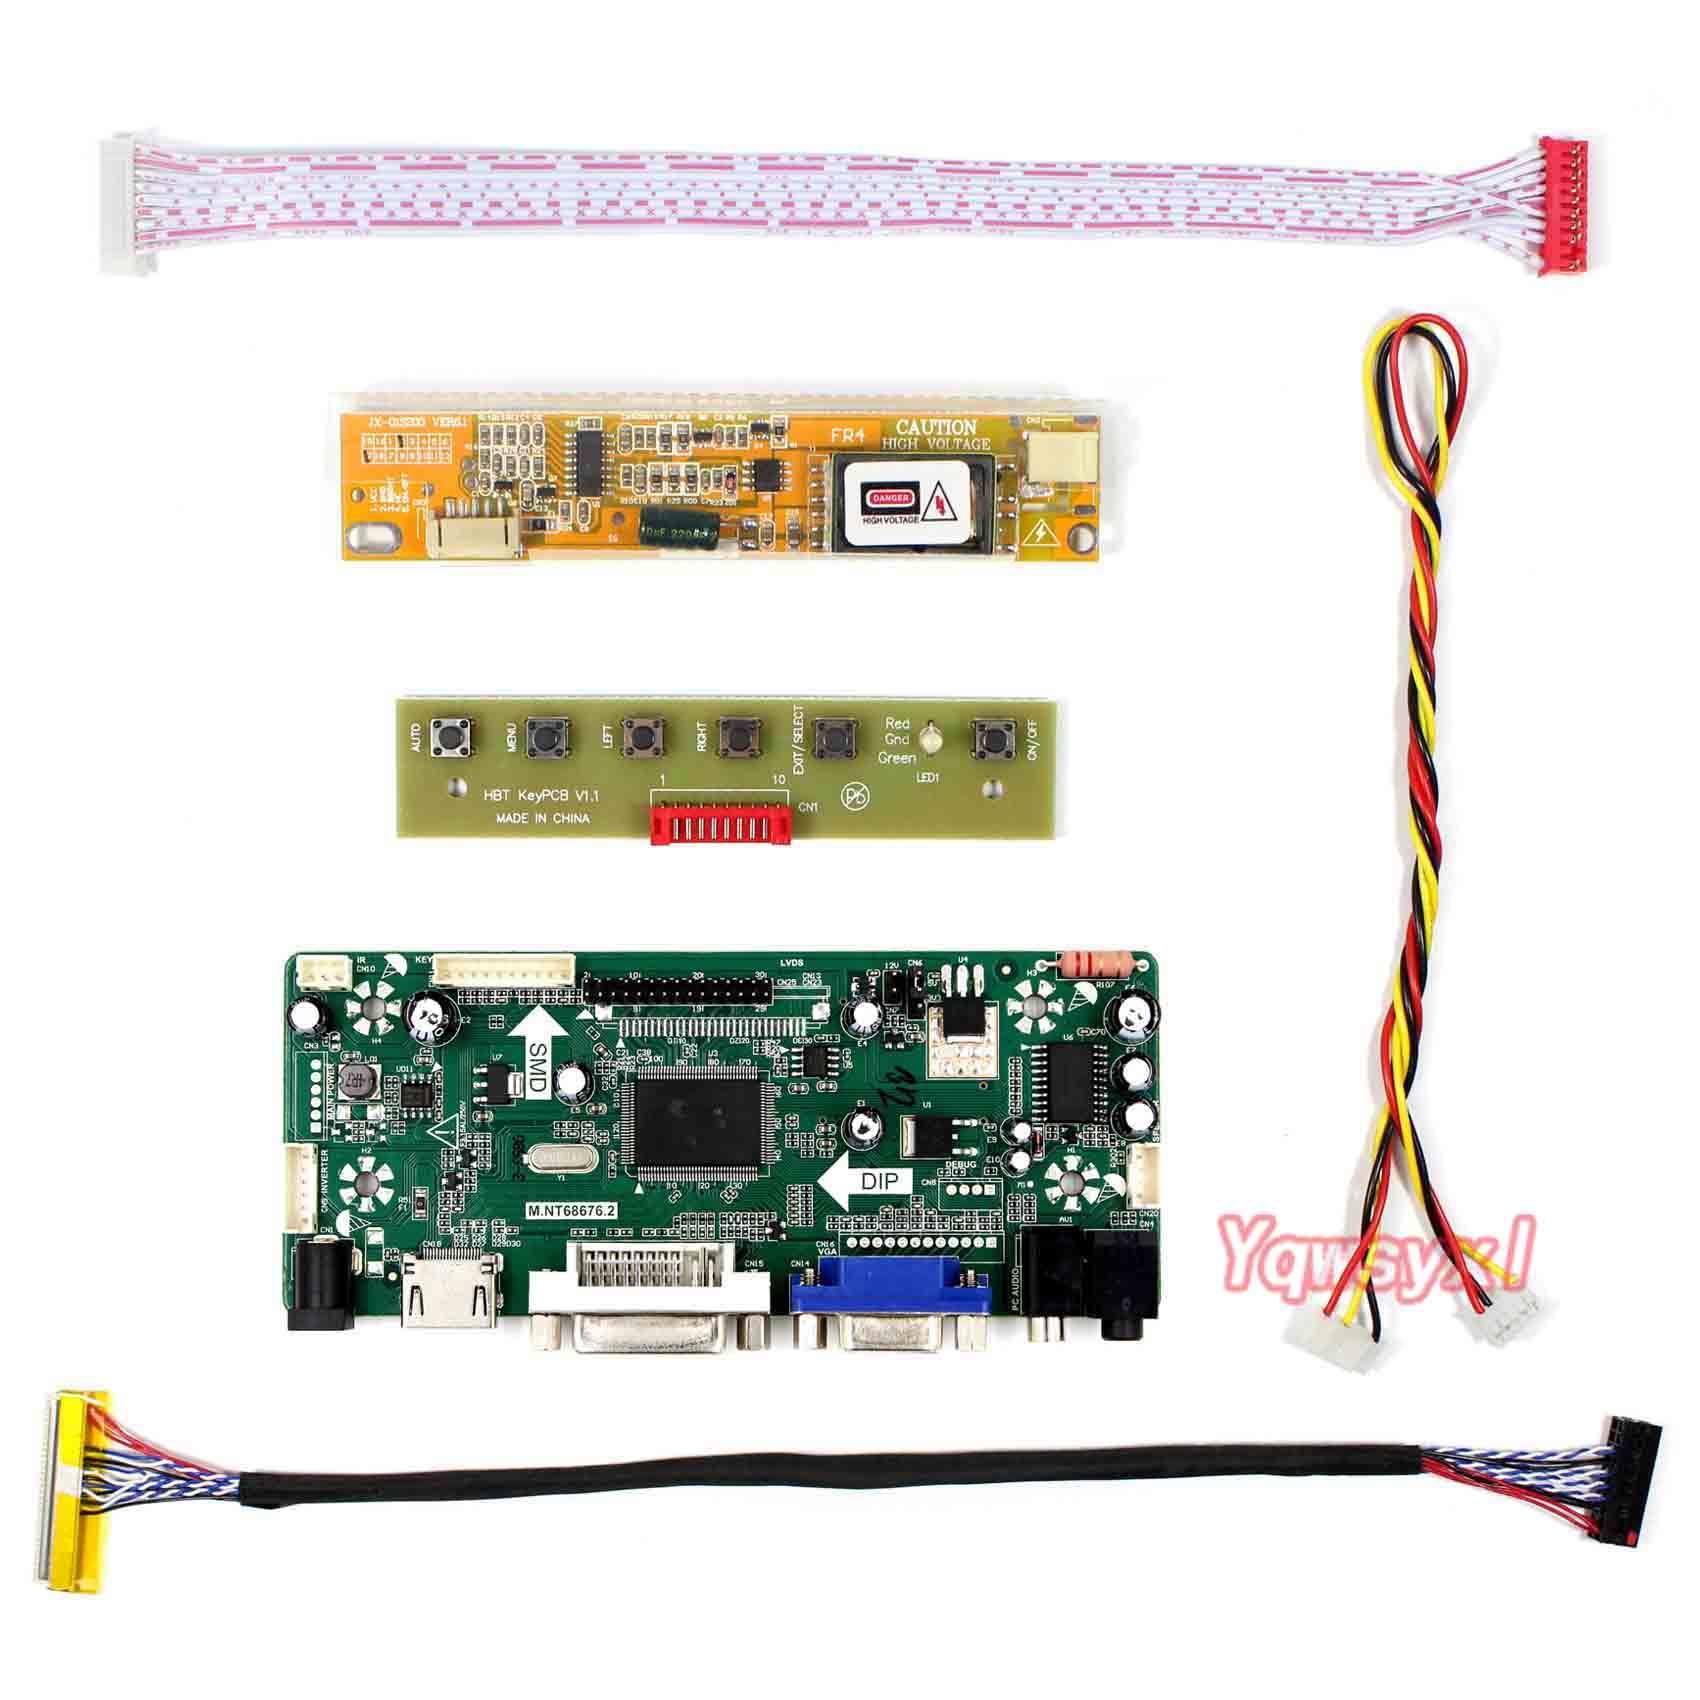 Yqwsyxl Control Board Monitor Kit For LTN154U2-L04-0  LTN154U2-L05  HDMI + DVI + VGA LCD LED Screen Controller Board Driver